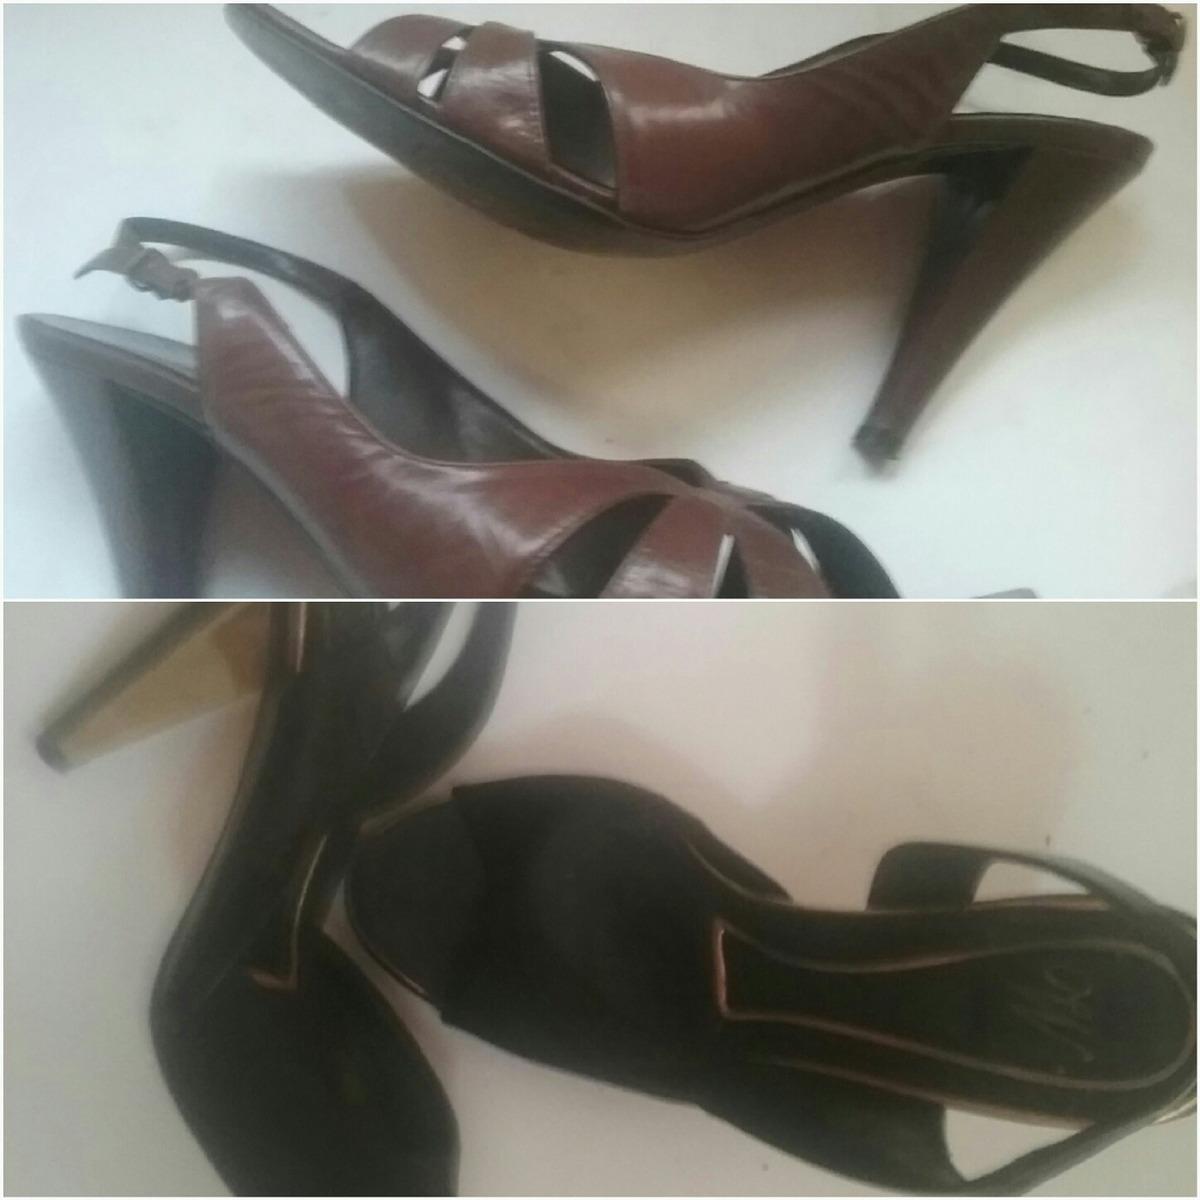 7a4abf74 ... zapatos de tacon # 3, negros zara y café piel. Cargando zoom.